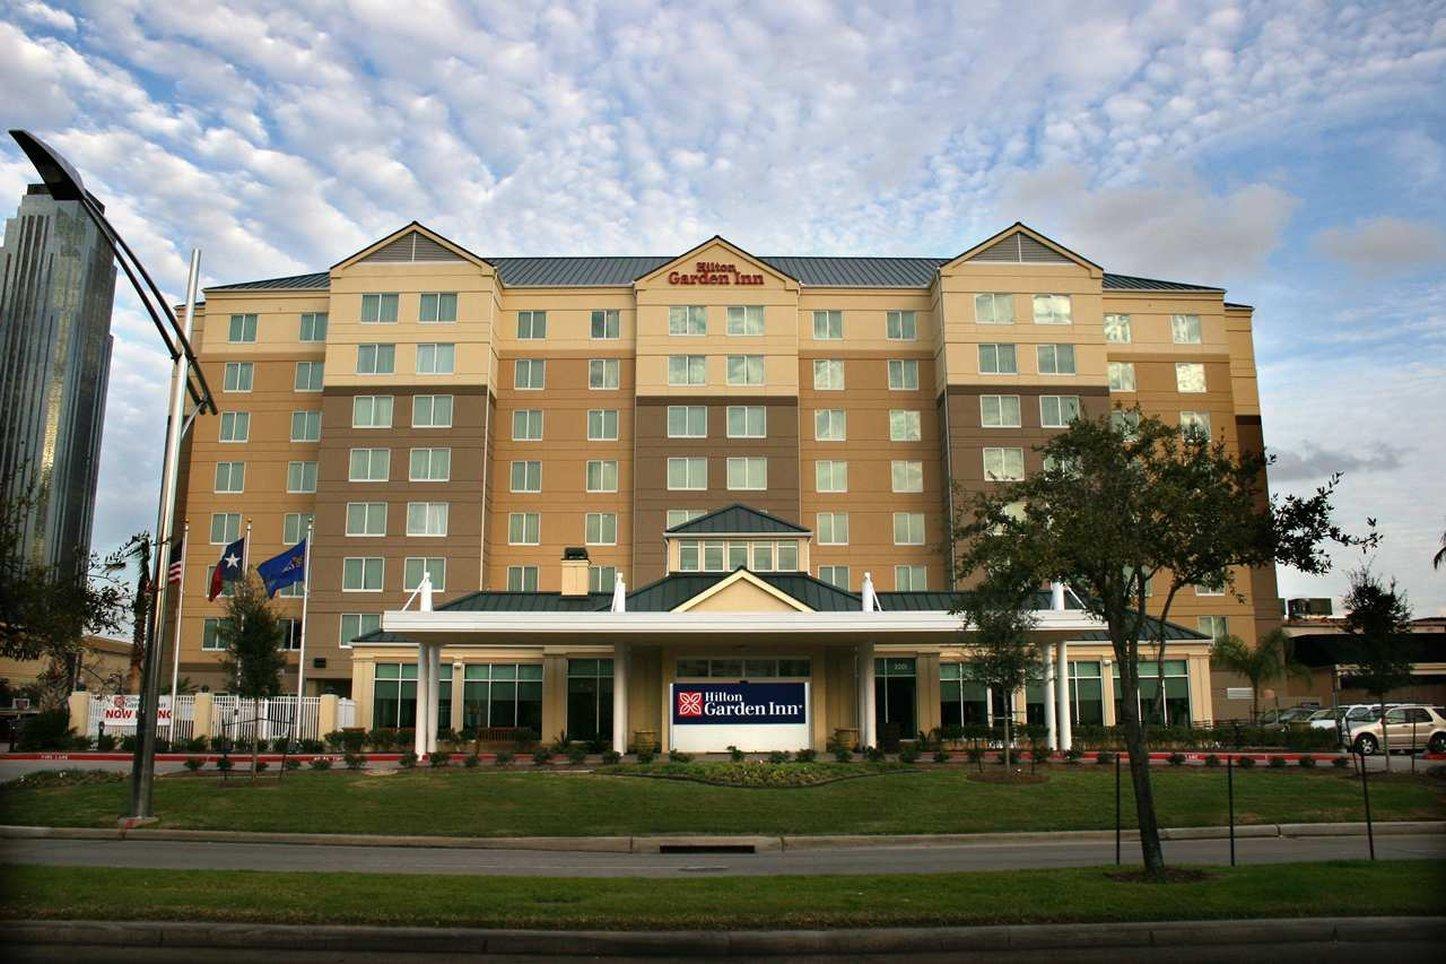 Hilton Garden Inn Houston Galleria Area